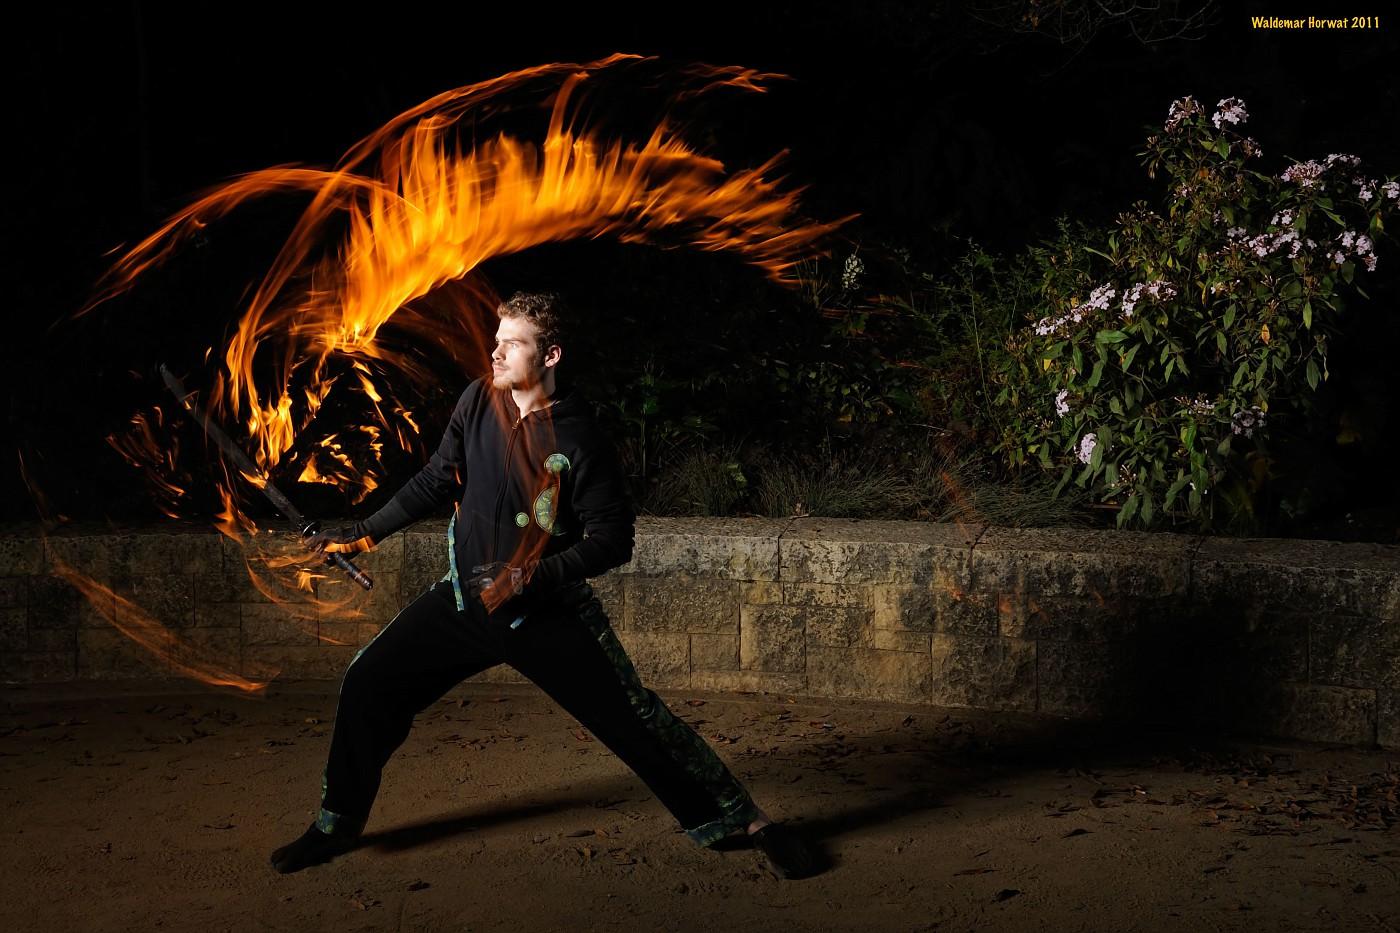 Fire Swordplay